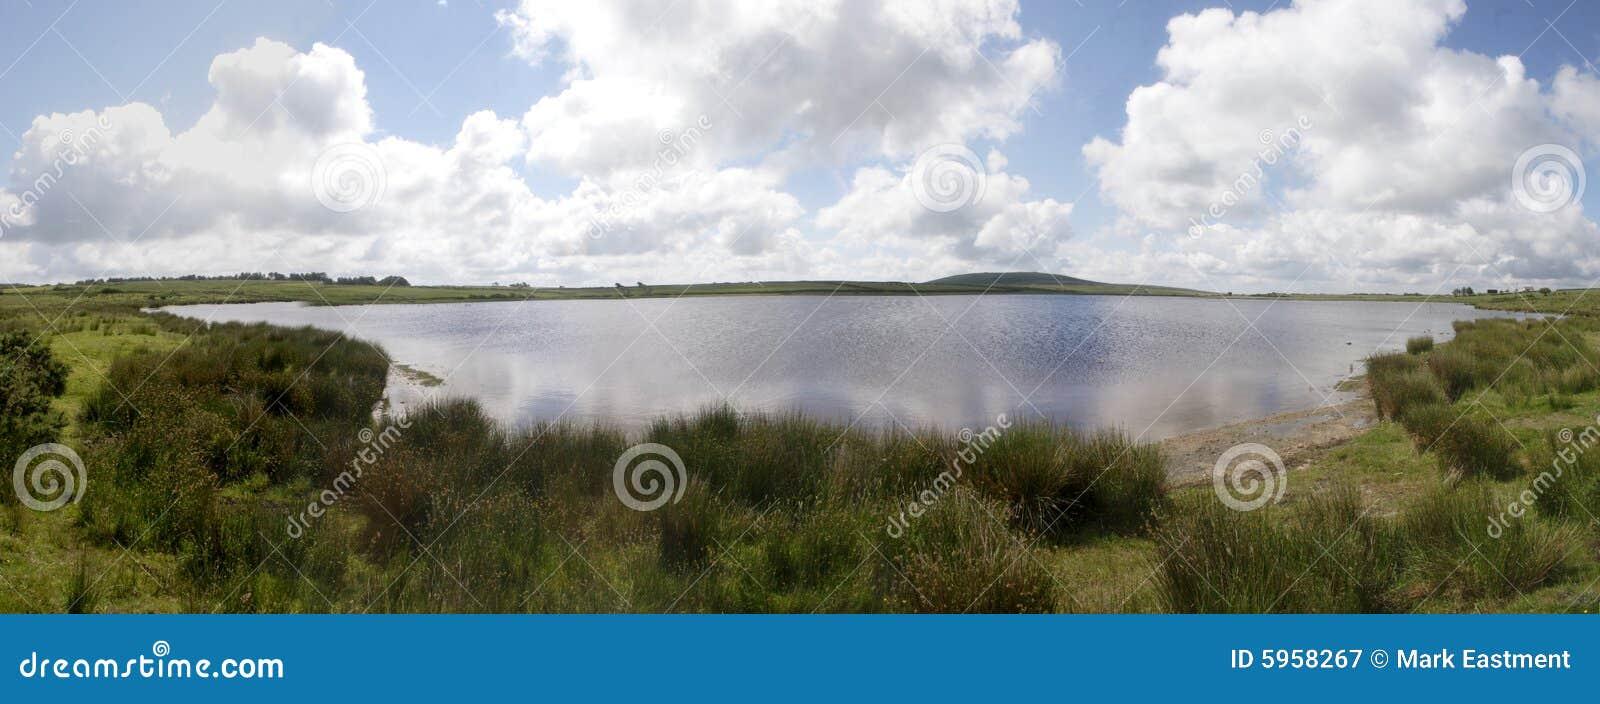 La piscina de Dozmary, Bodmin amarra, Cornualles